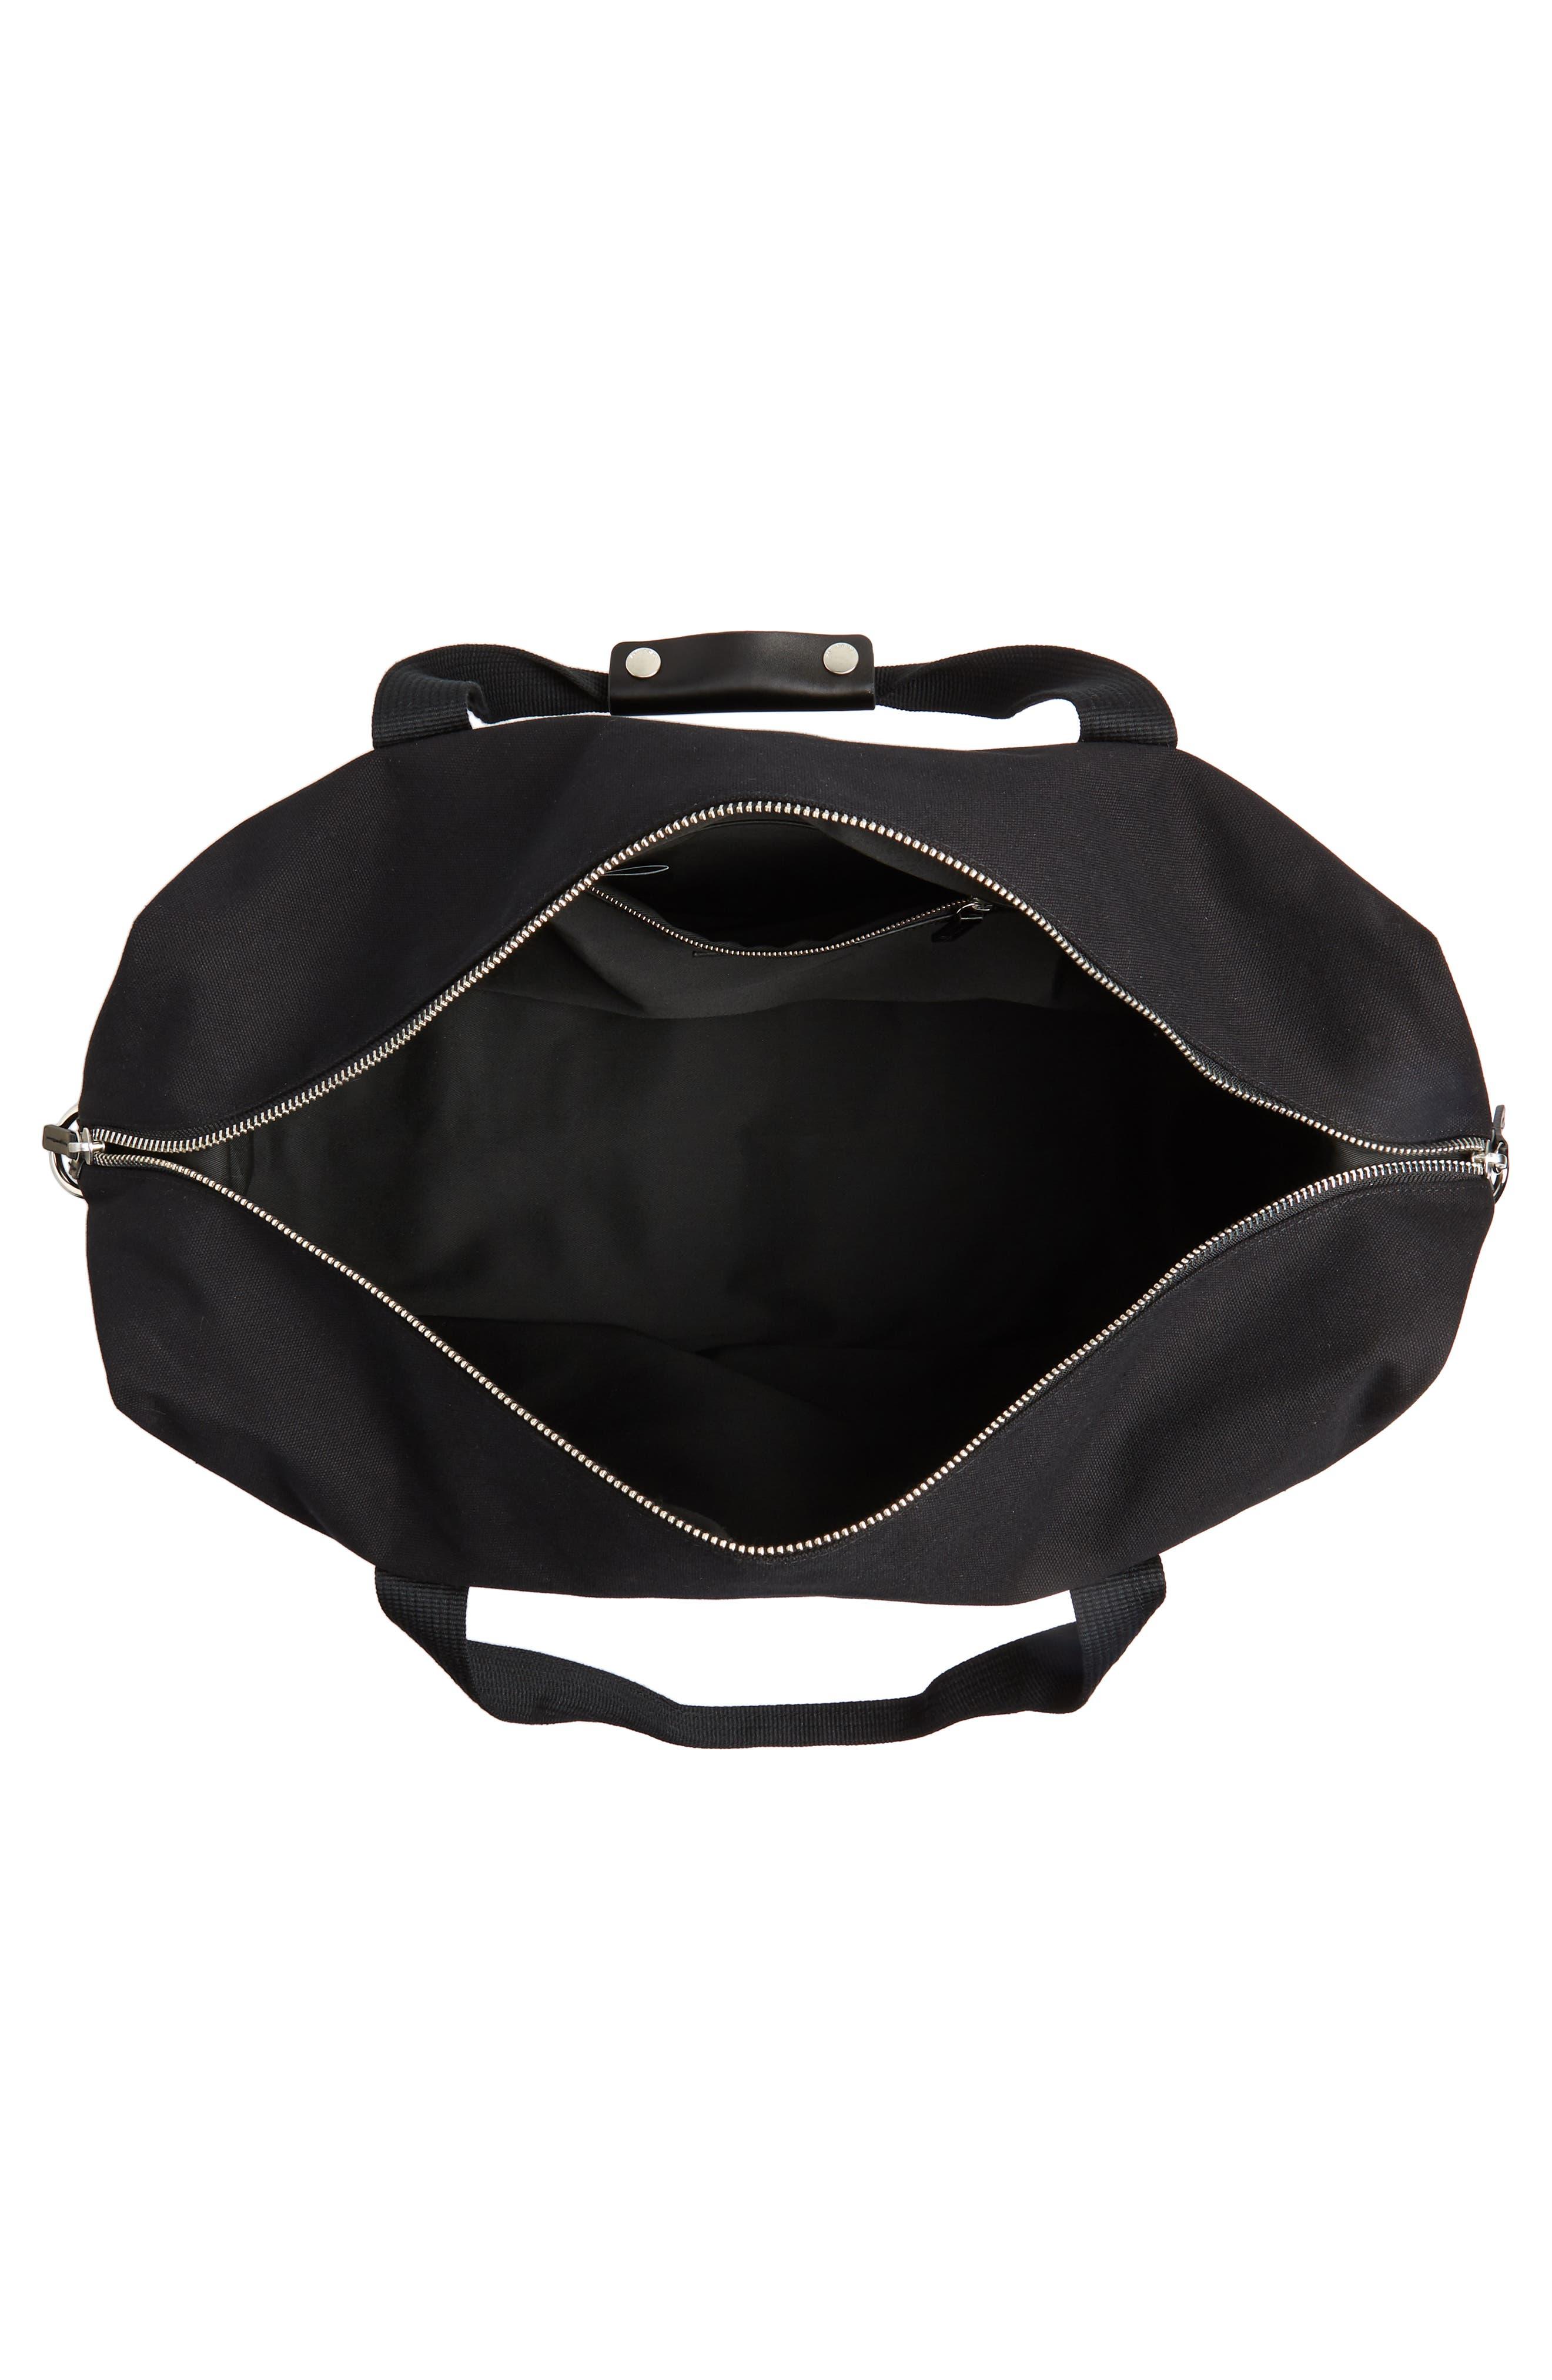 Saturdays USA Norfolk Water Repellent Duffel Bag,                             Alternate thumbnail 4, color,                             Black